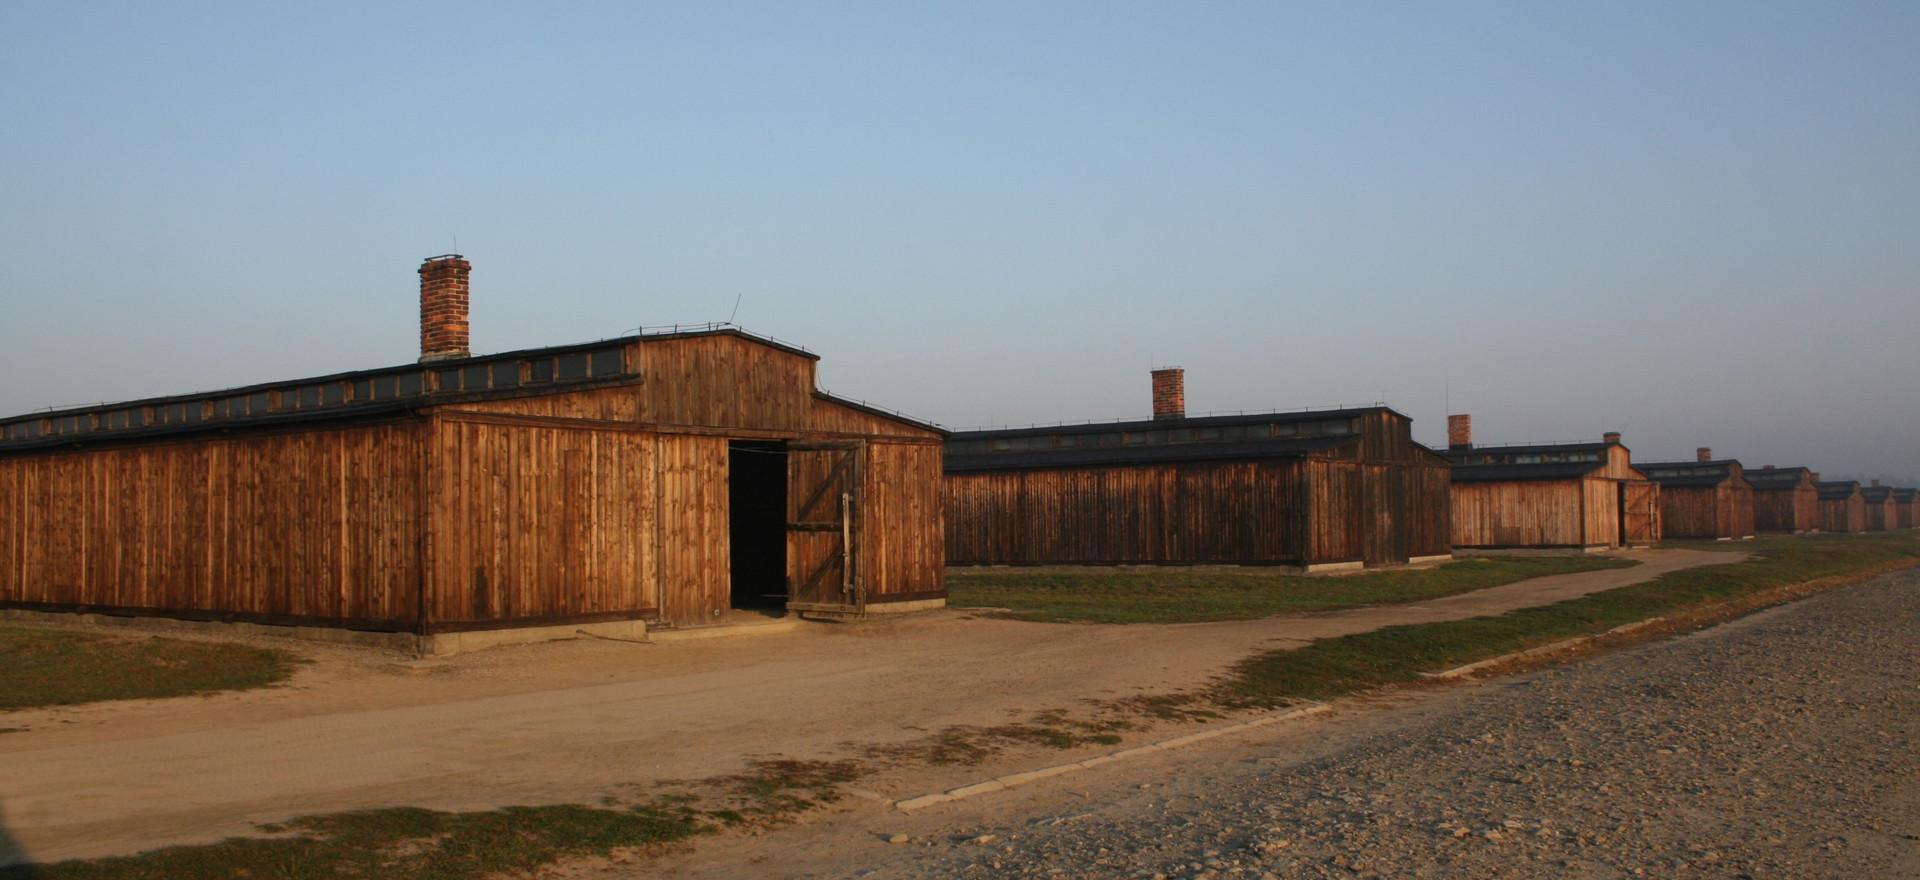 De barakken van BIIA